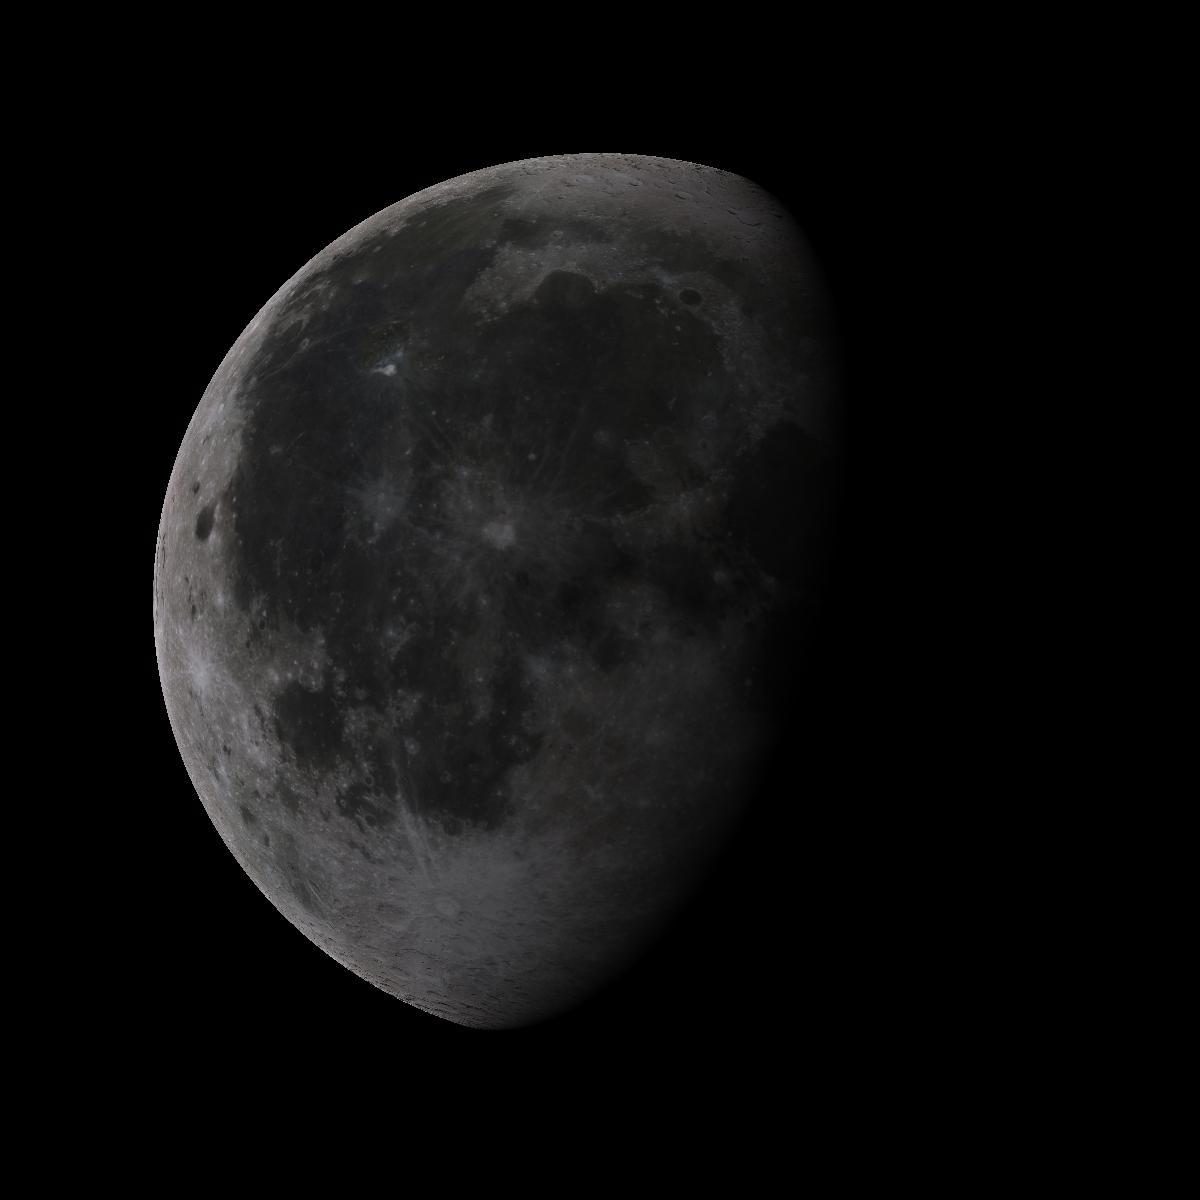 Lune du 21 aout 2019